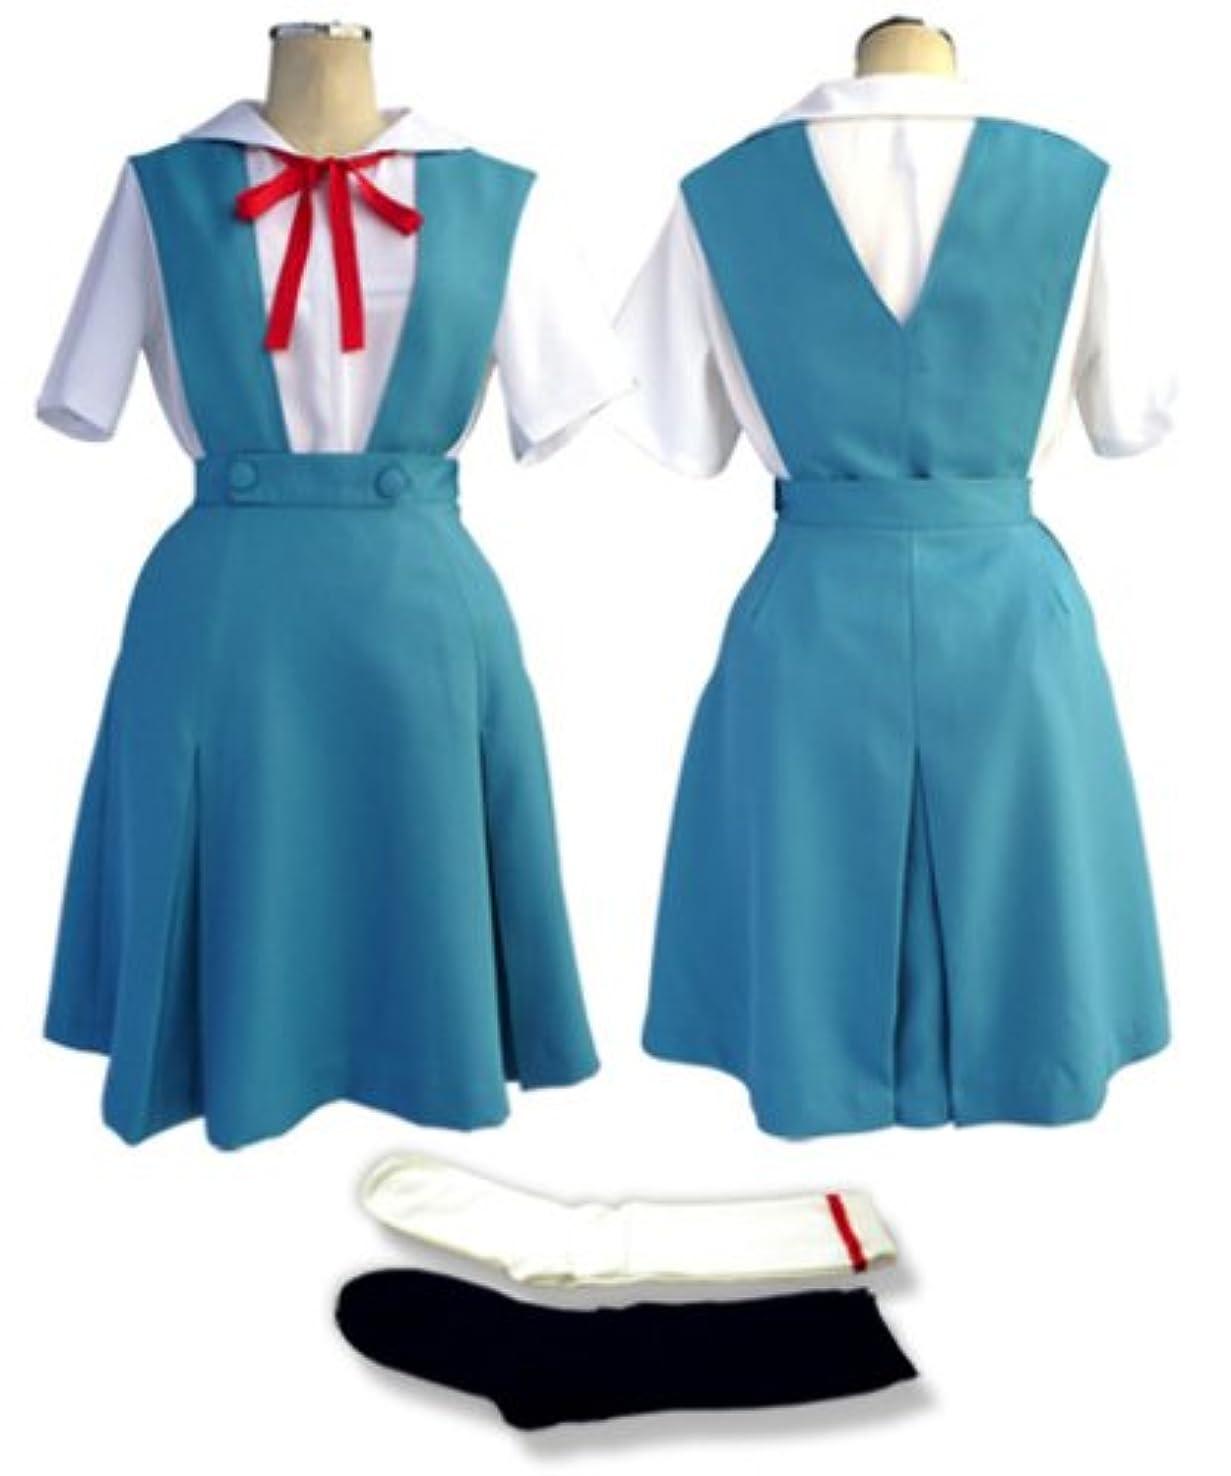 詩人独特の道に迷いました新世紀エヴァンゲリオン 第三新東京市立第壱中学校女子制服 公式 コスチューム レディース Lサイズ